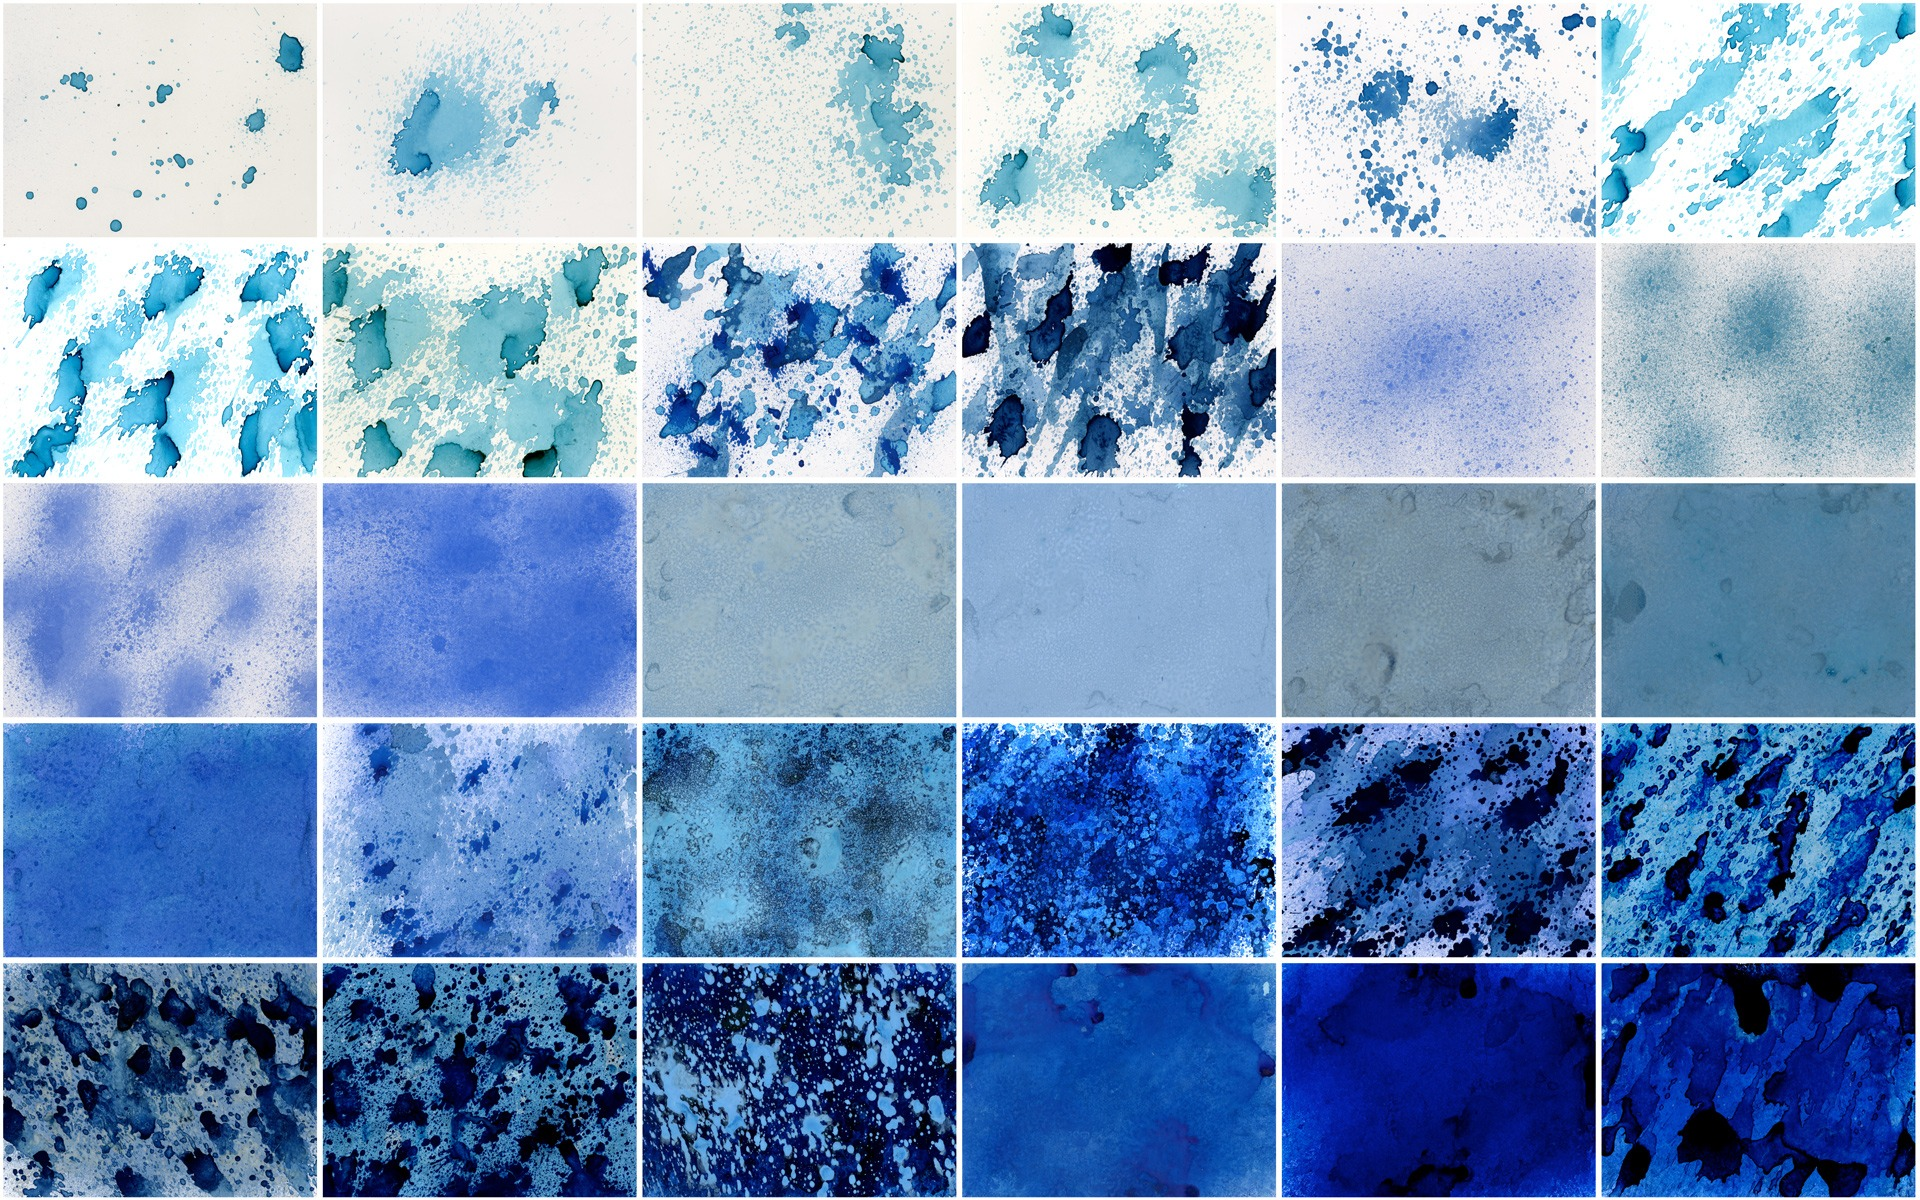 cloud-studies.jpg